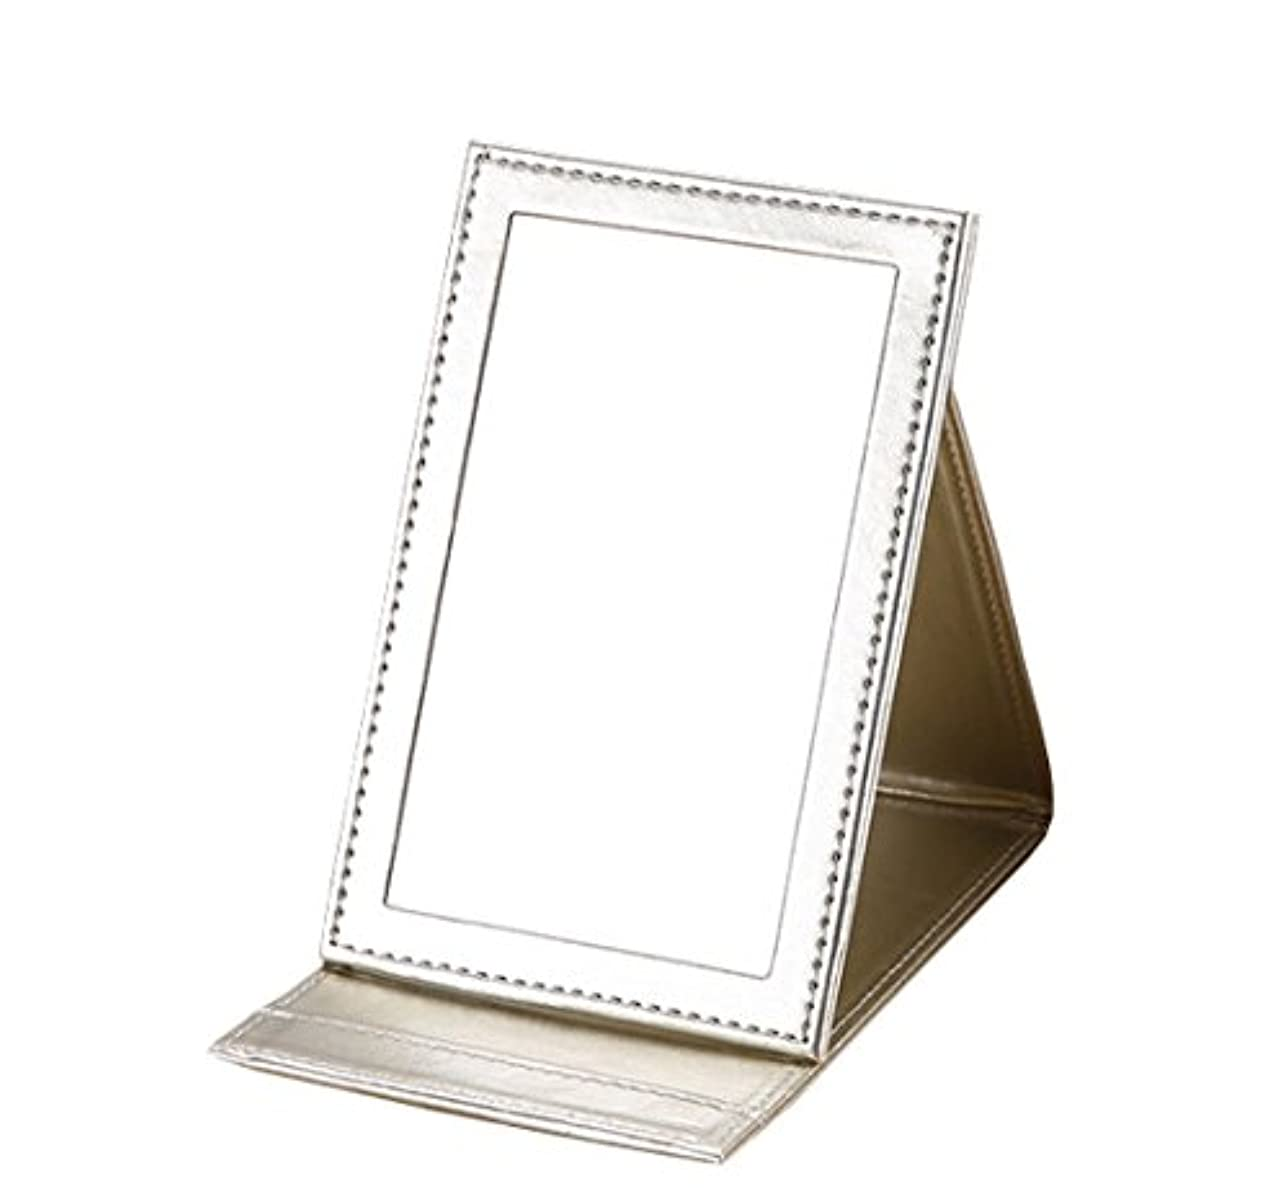 いっぱい誘導独特の雲の花 革の化粧鏡に手のデスクトップに化粧鏡を持って折りたたみ式にして折り畳む鏡 (ゴールド)